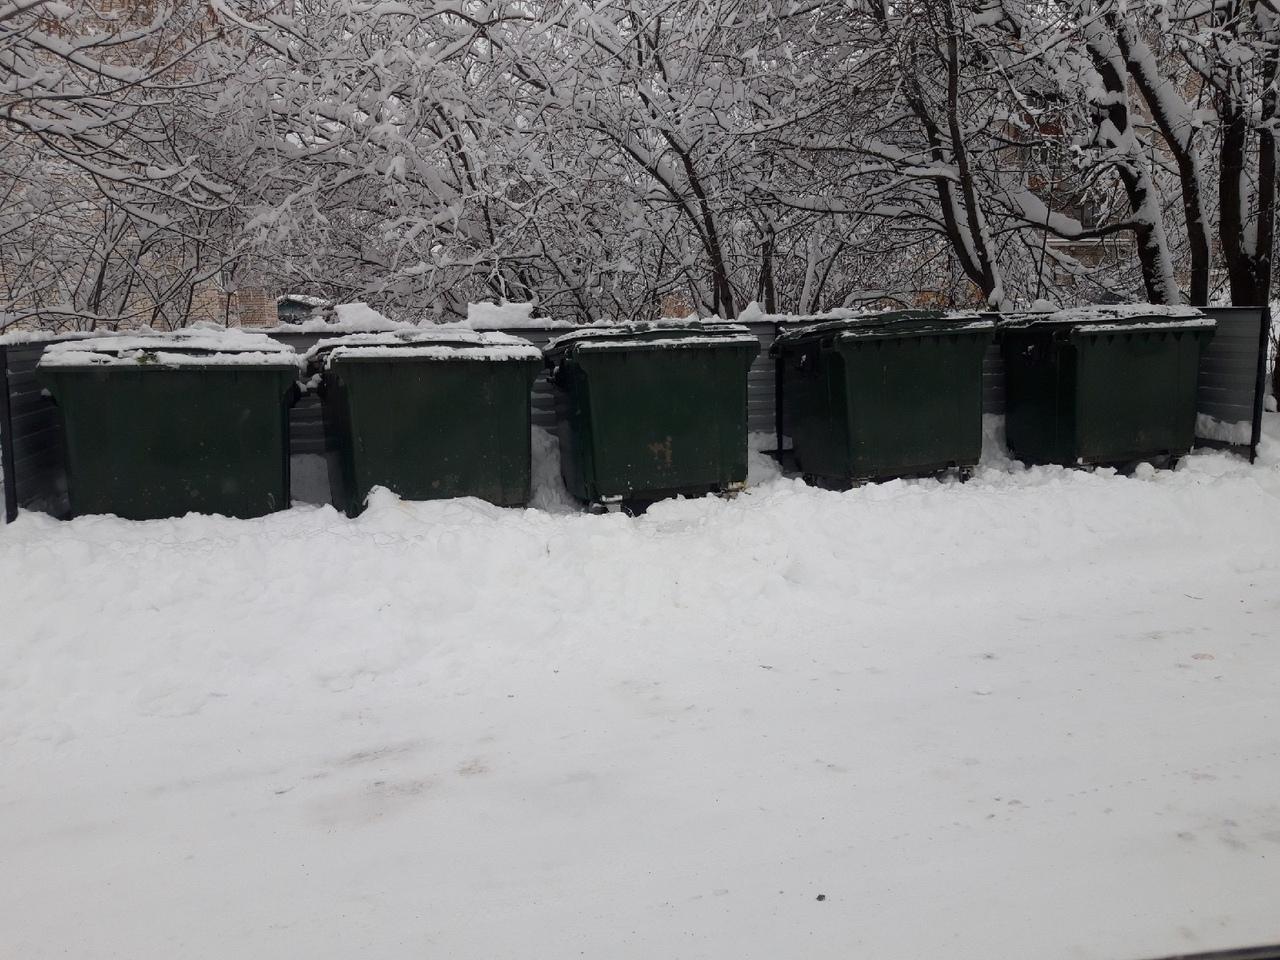 В Великоустюгском районе мусоровозы не могут подъехать к контейнерам из-за неубранного снега